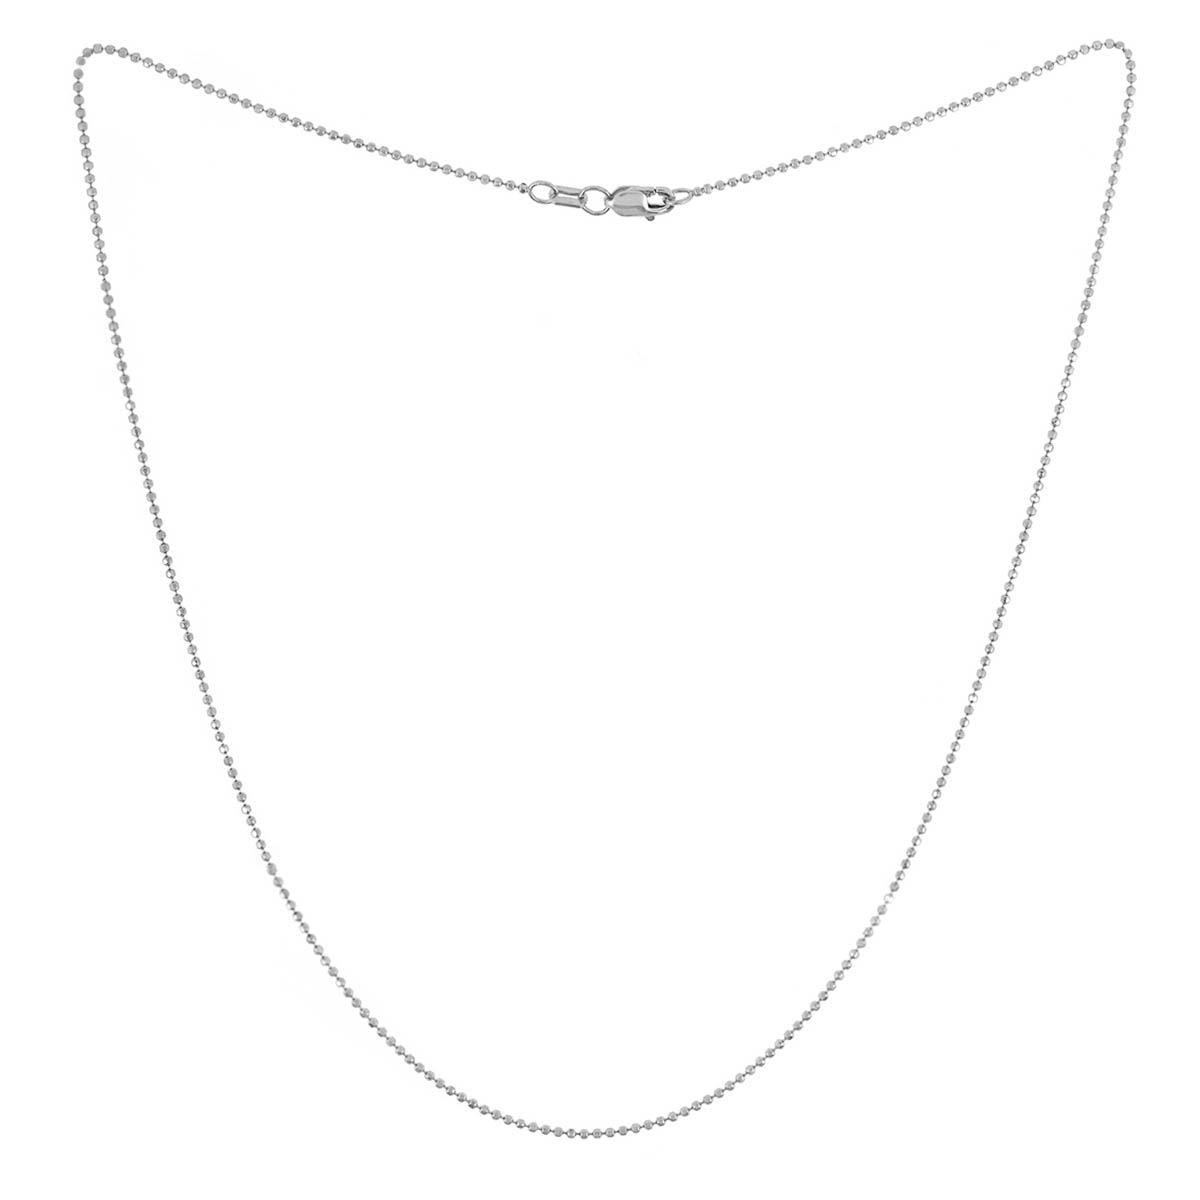 Cadena Bolitas 120 Diamantada